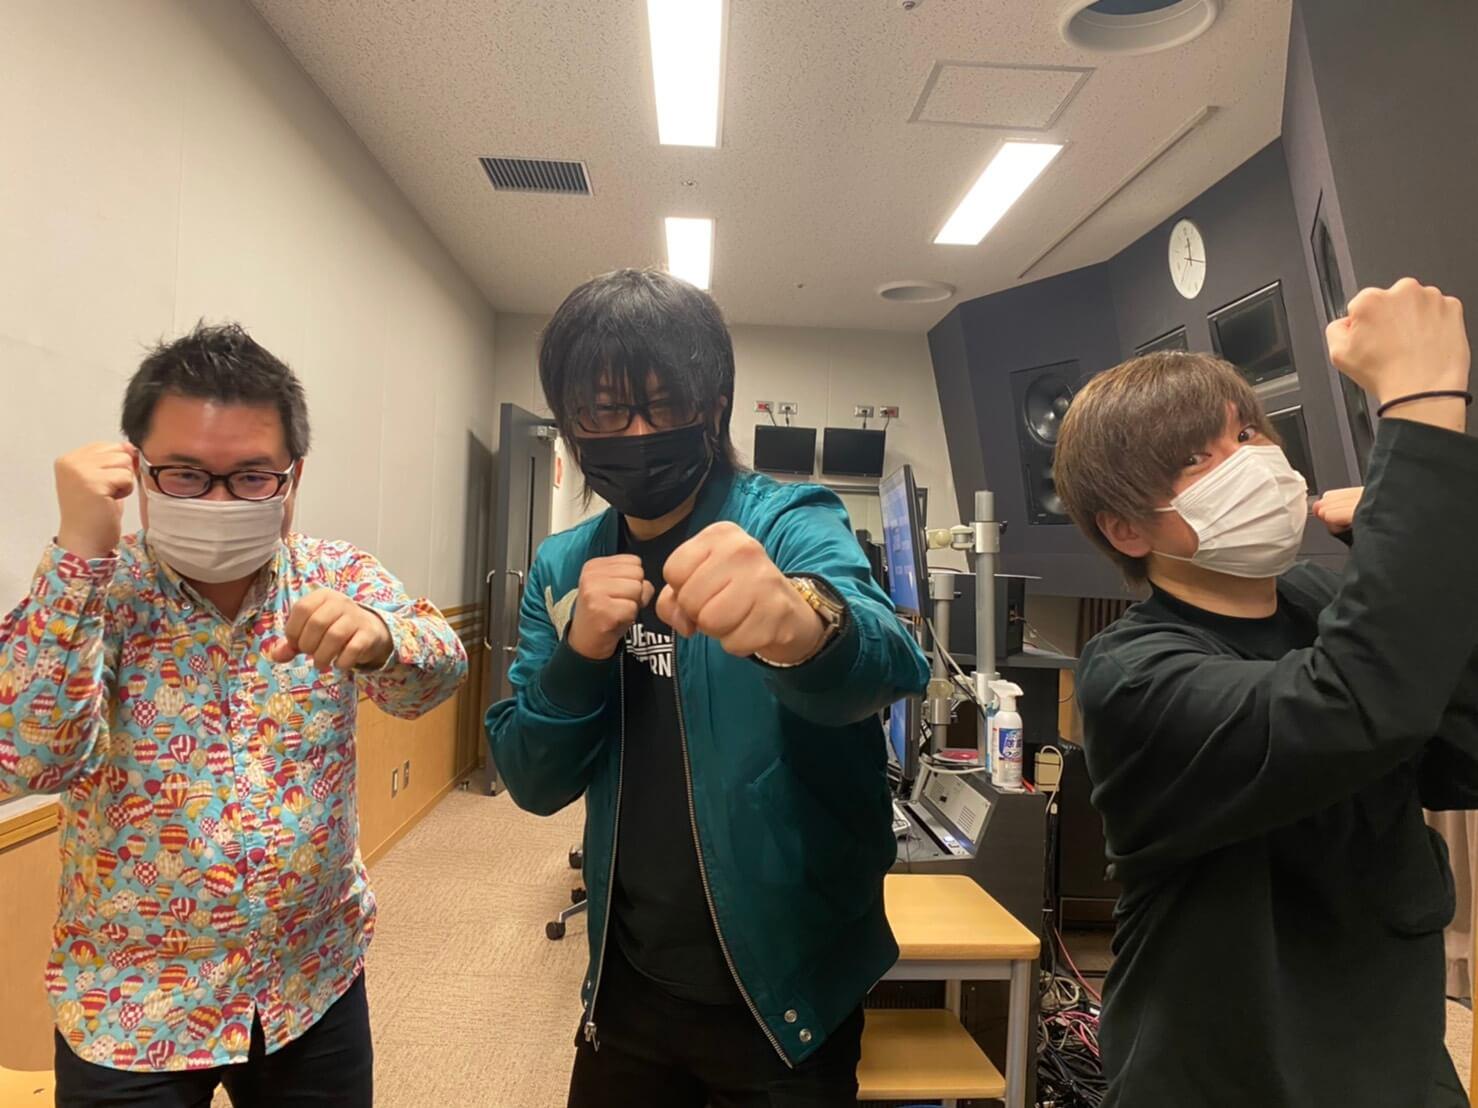 森川智之さんが『WADAX Radio』にゲストで初登場! ゲームやジャンケンなどの勝負事にめっぽう弱いという森川さんが『ワードウルフ』に挑戦!!